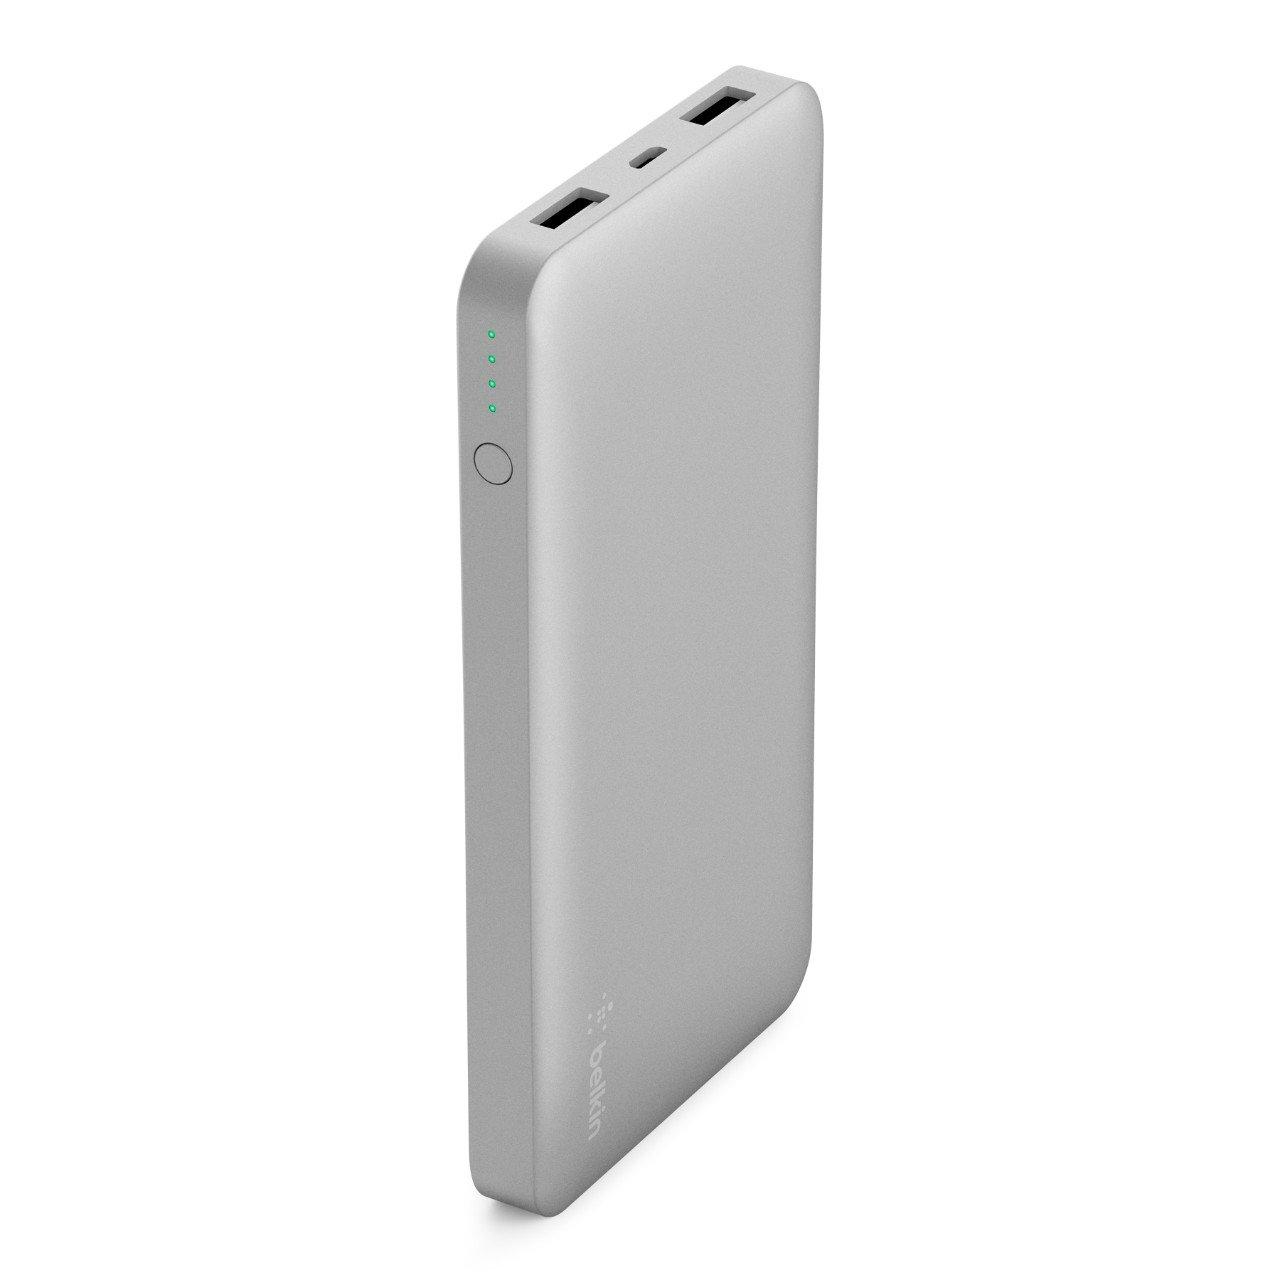 Belkin Pocket Power Bank - Batería Externa, Cargador portátil rápido (10000 mAh, certificación de Seguridad, para iPhone 11, 11 Pro/Pro MAX, XS/XS ...